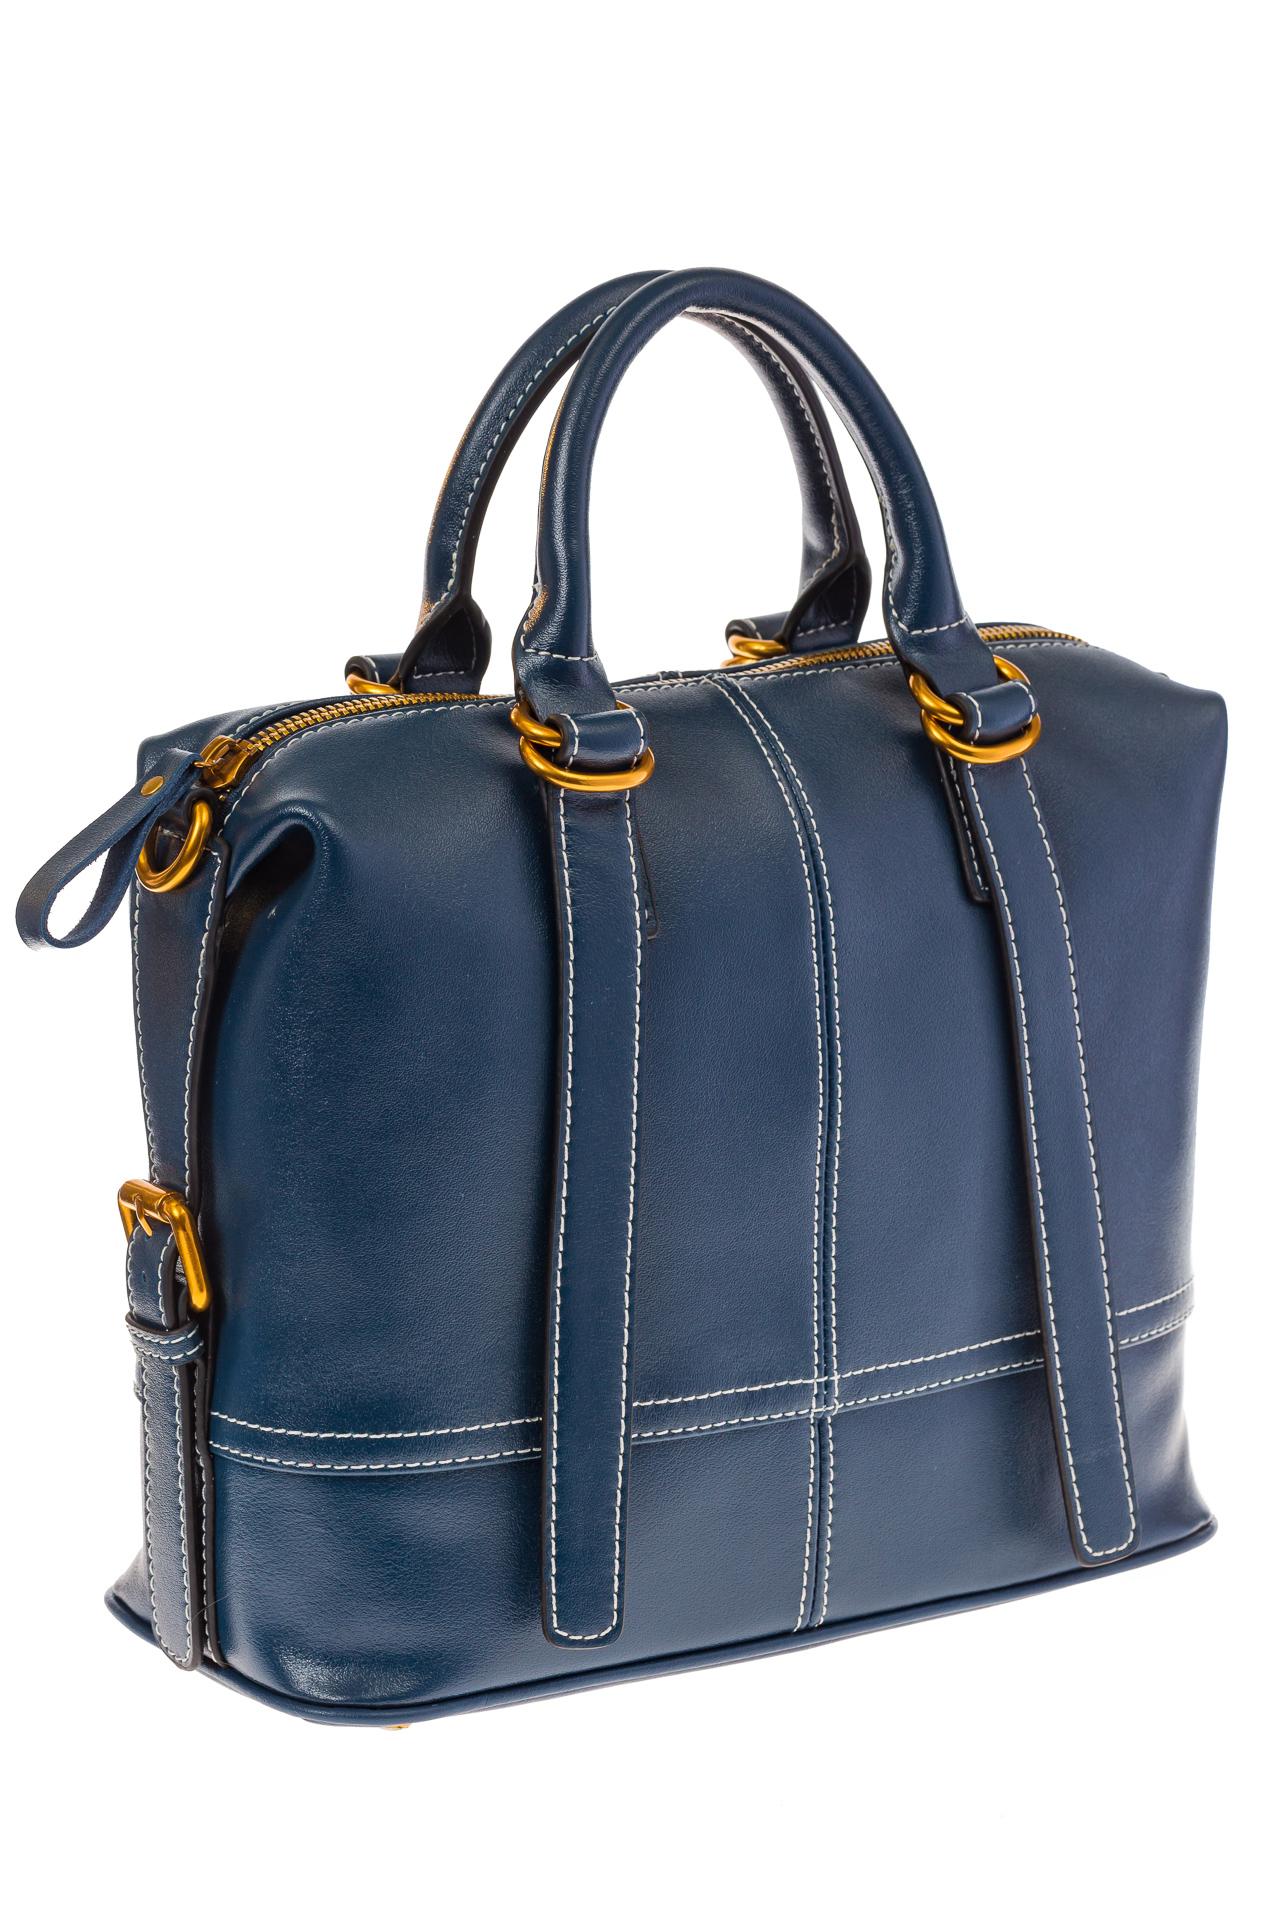 Синий Handheld bag с золотой фурнитурой, фото. Женские сумки оптом